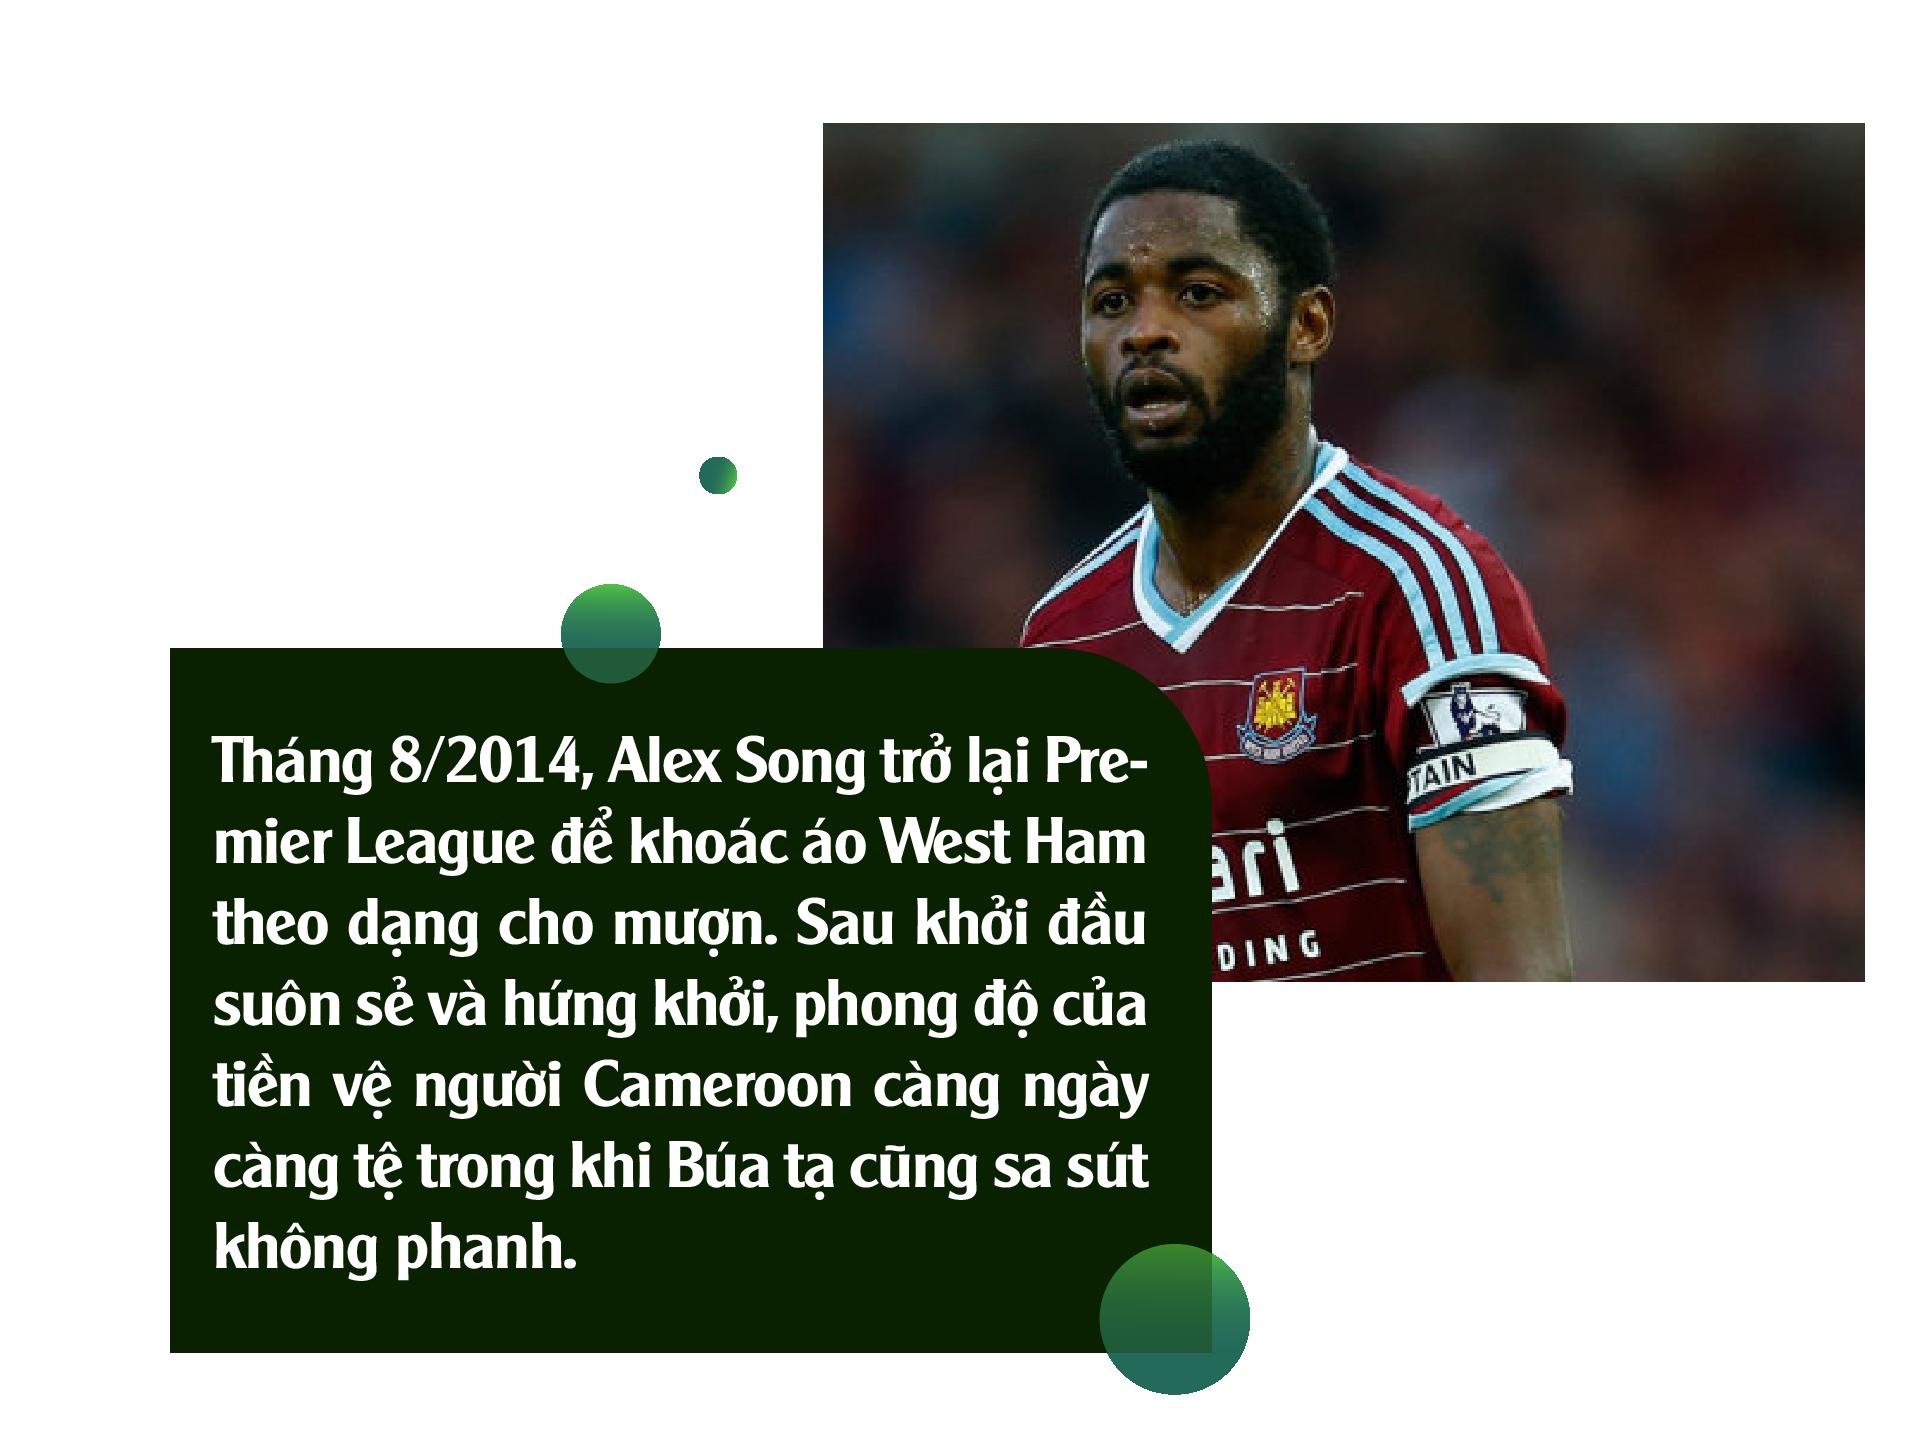 Alex Song: Ký ức nghèo khó và giấc mơ triệu phú đè nát 1 tài năng - Ảnh 8.